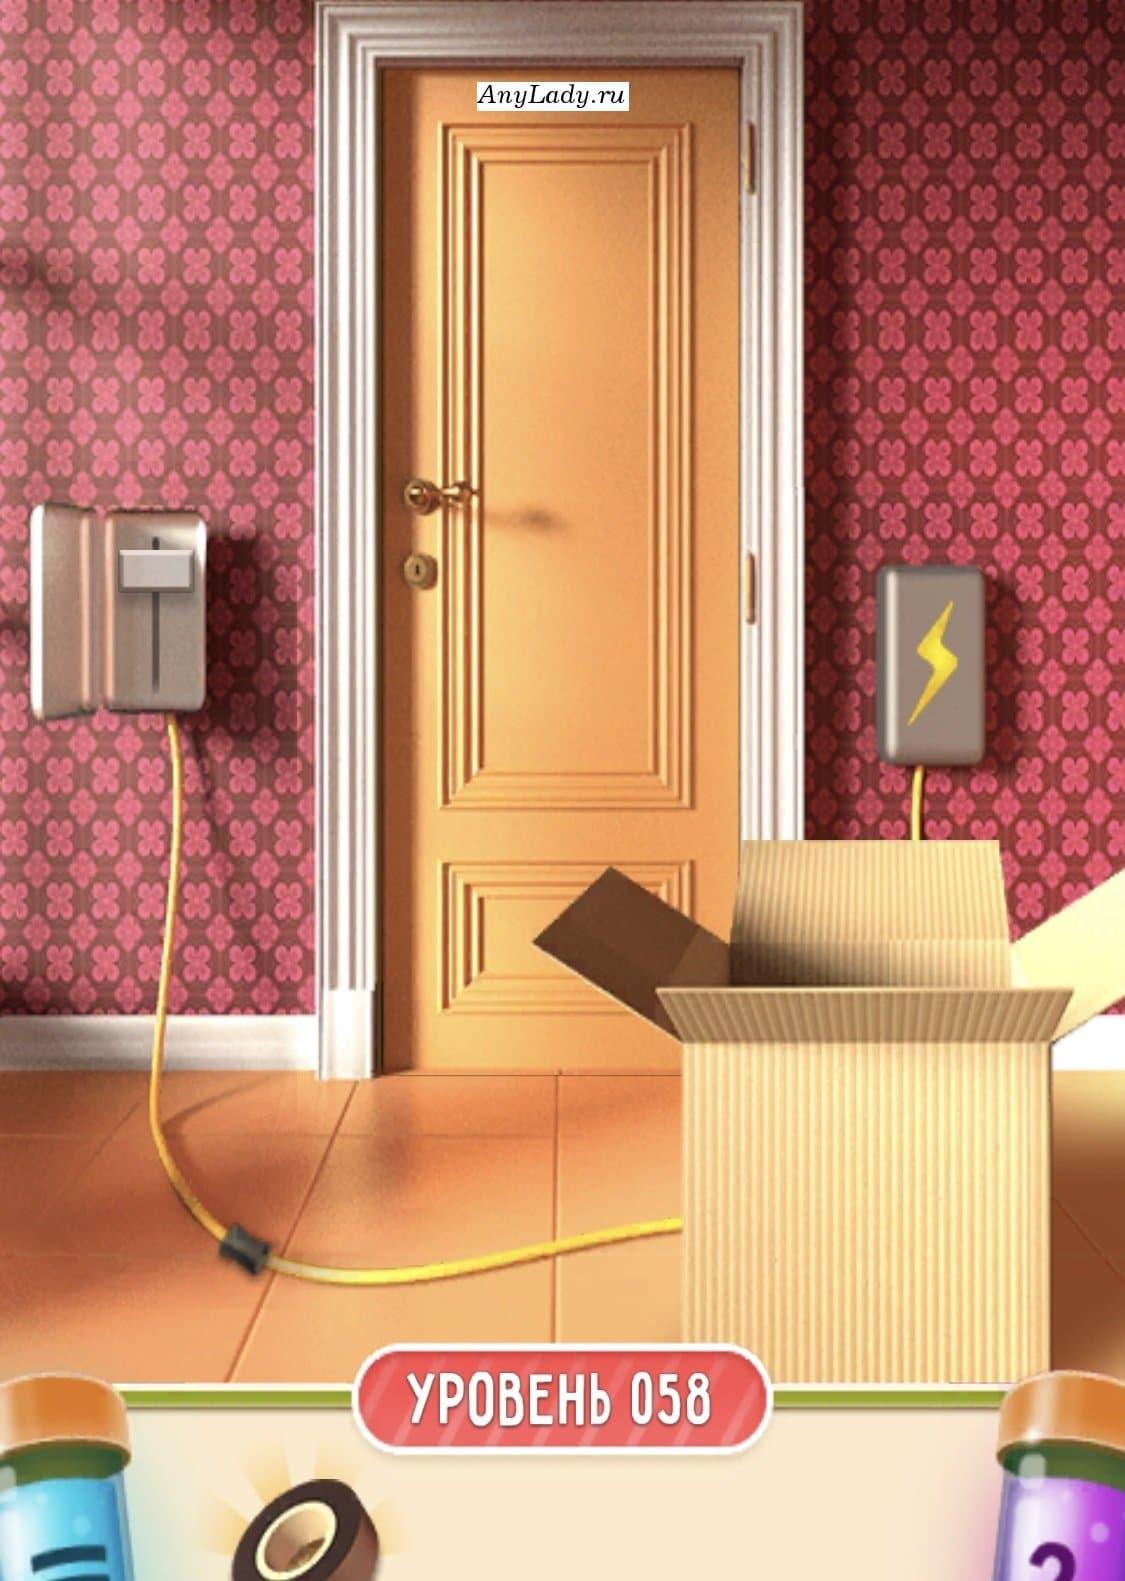 электроизоляционная лента, кусочек провода. Передвиньте коробку влево и достаньте за ней провод, далее откройте коробку и возьмите изоленту. Часть провода присоедините к проводам и закрутите изолентой с обеих сторон, отодвигая коробку. Откройте слева крышку  щитка и передвиньте рычажок вниз - проход свободен.